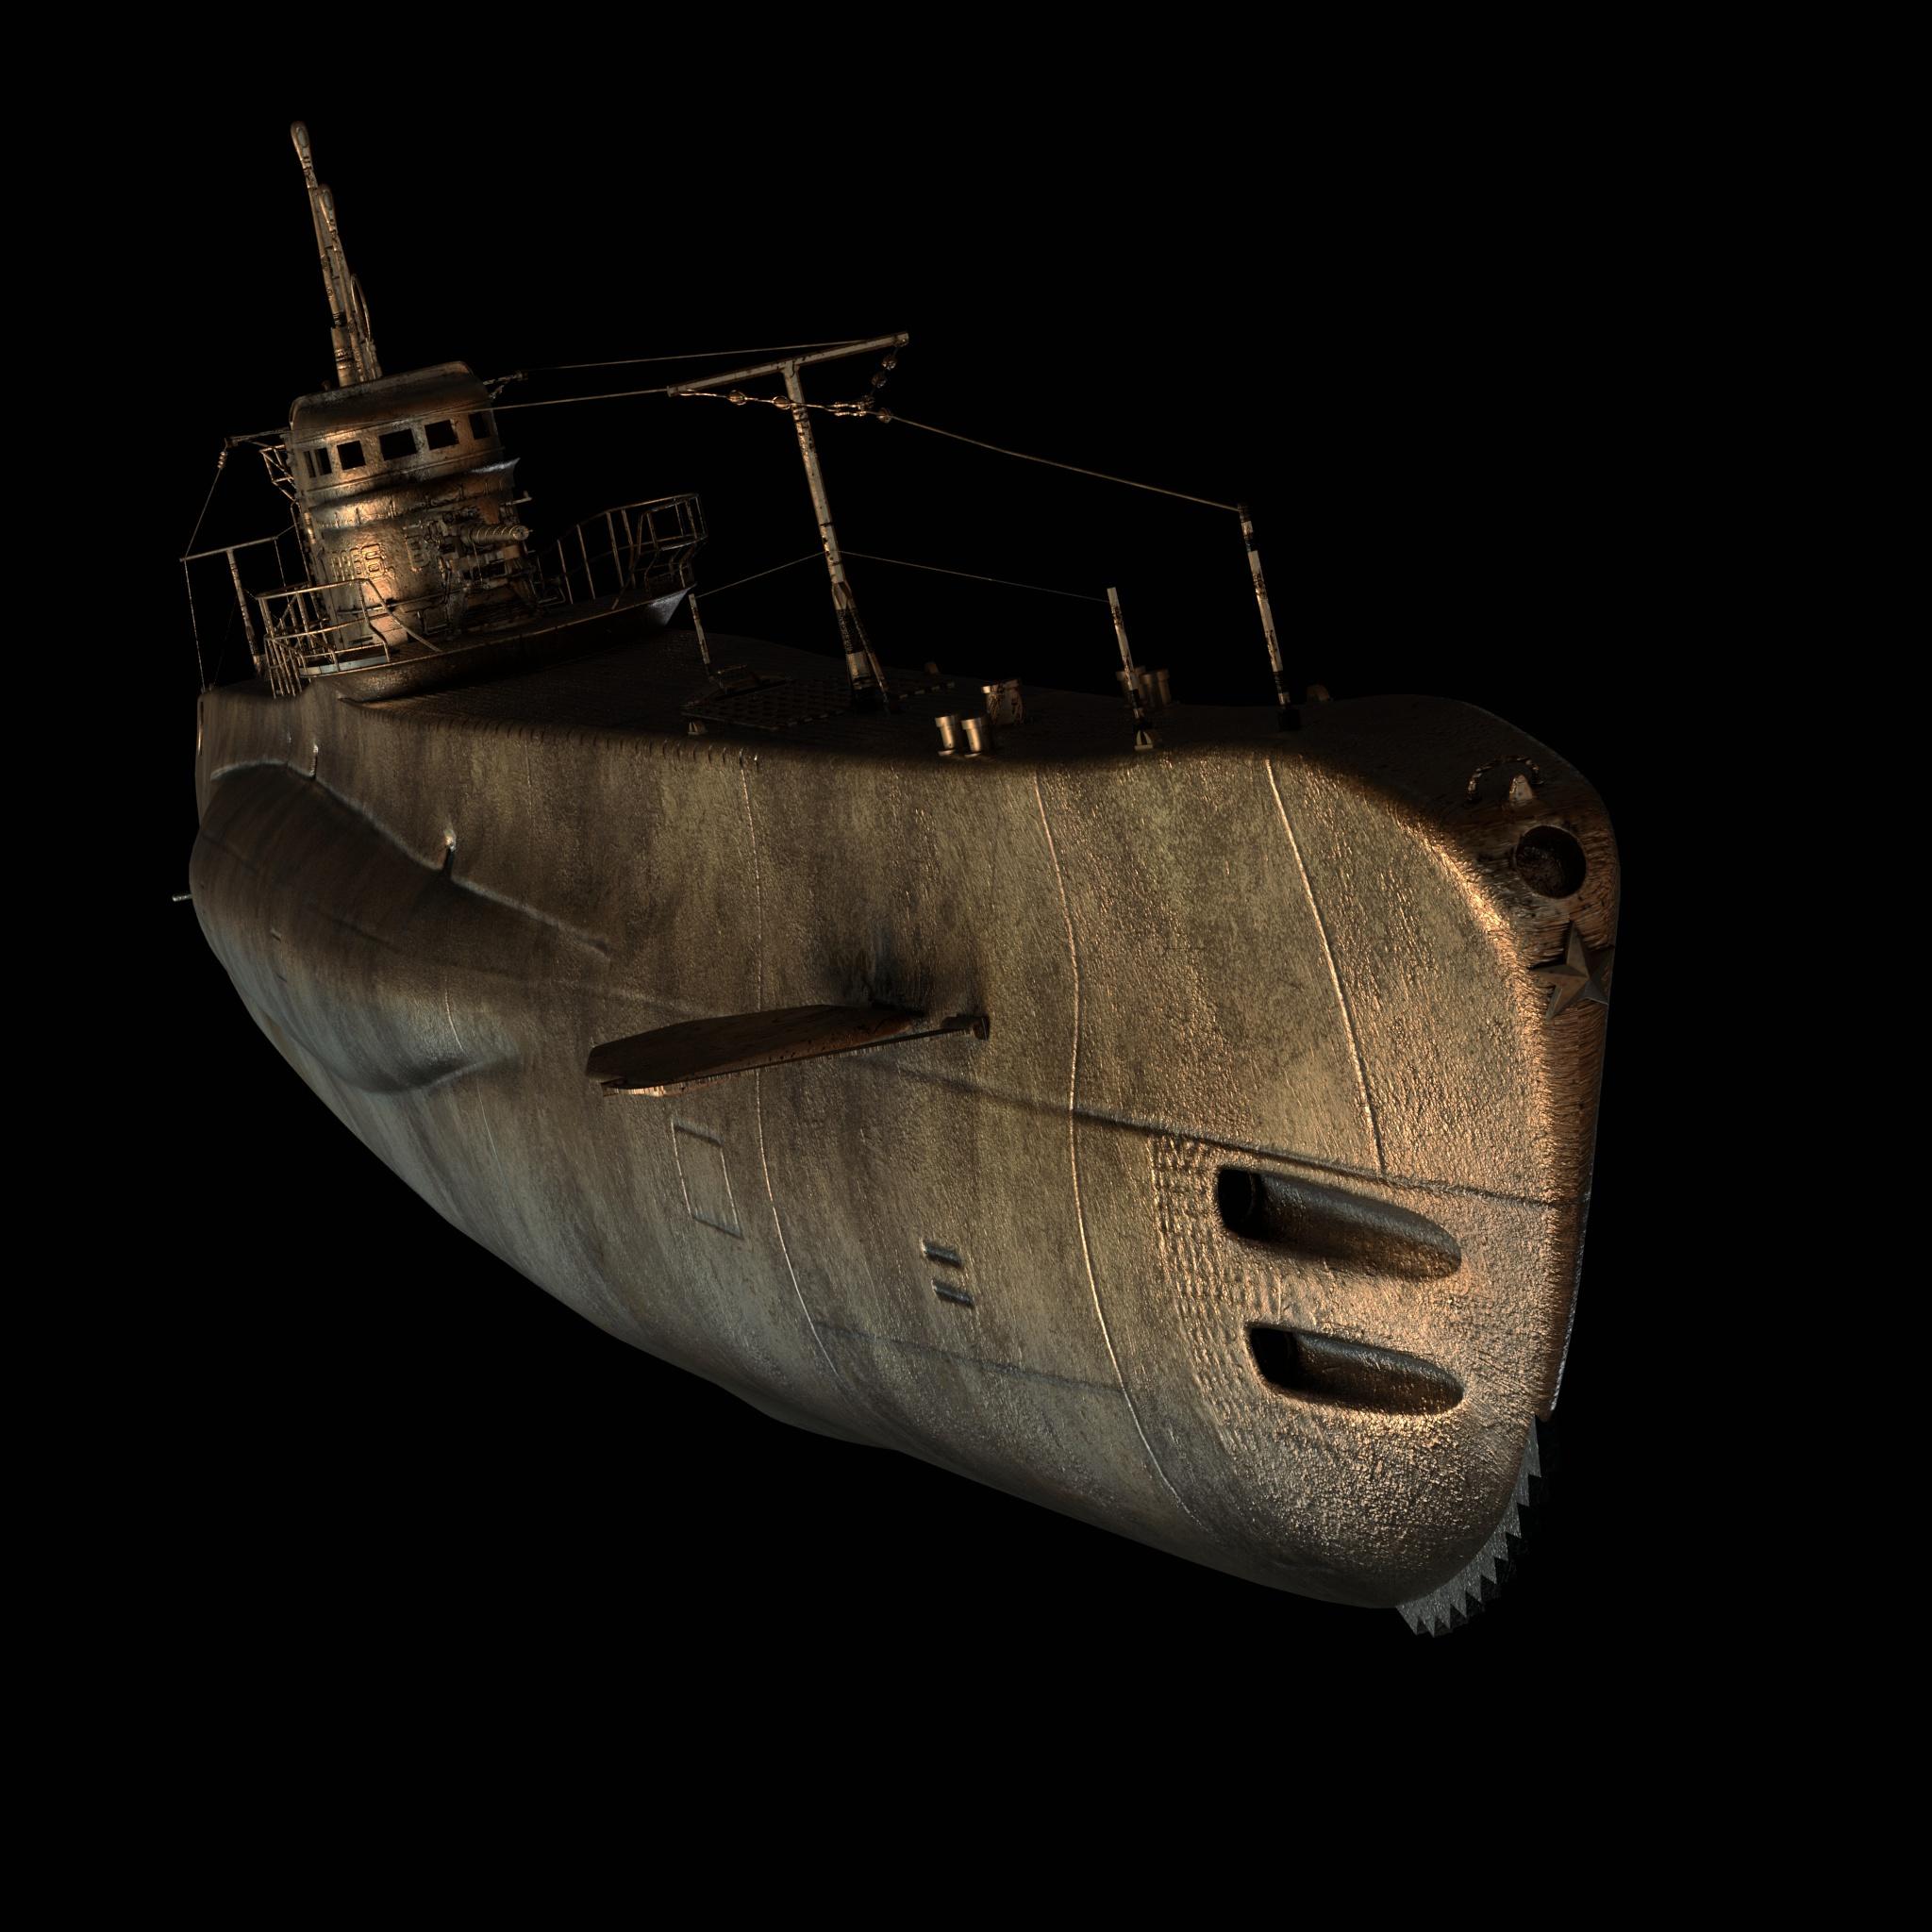 PAN_Submarine_WIP03.jpg